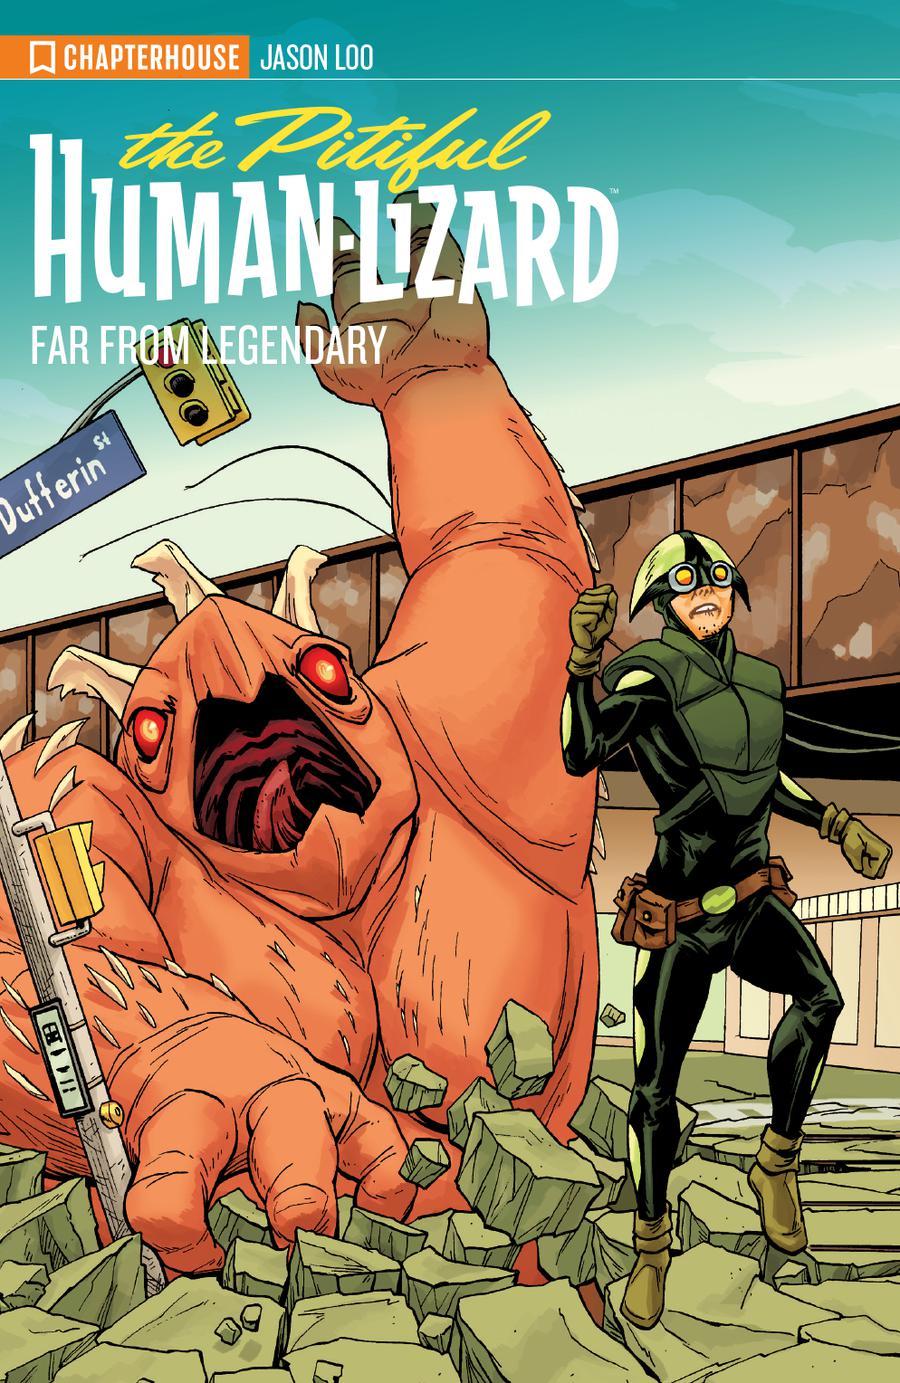 Pitiful Human-Lizard Vol 1 Far From Legendary TP New Printing